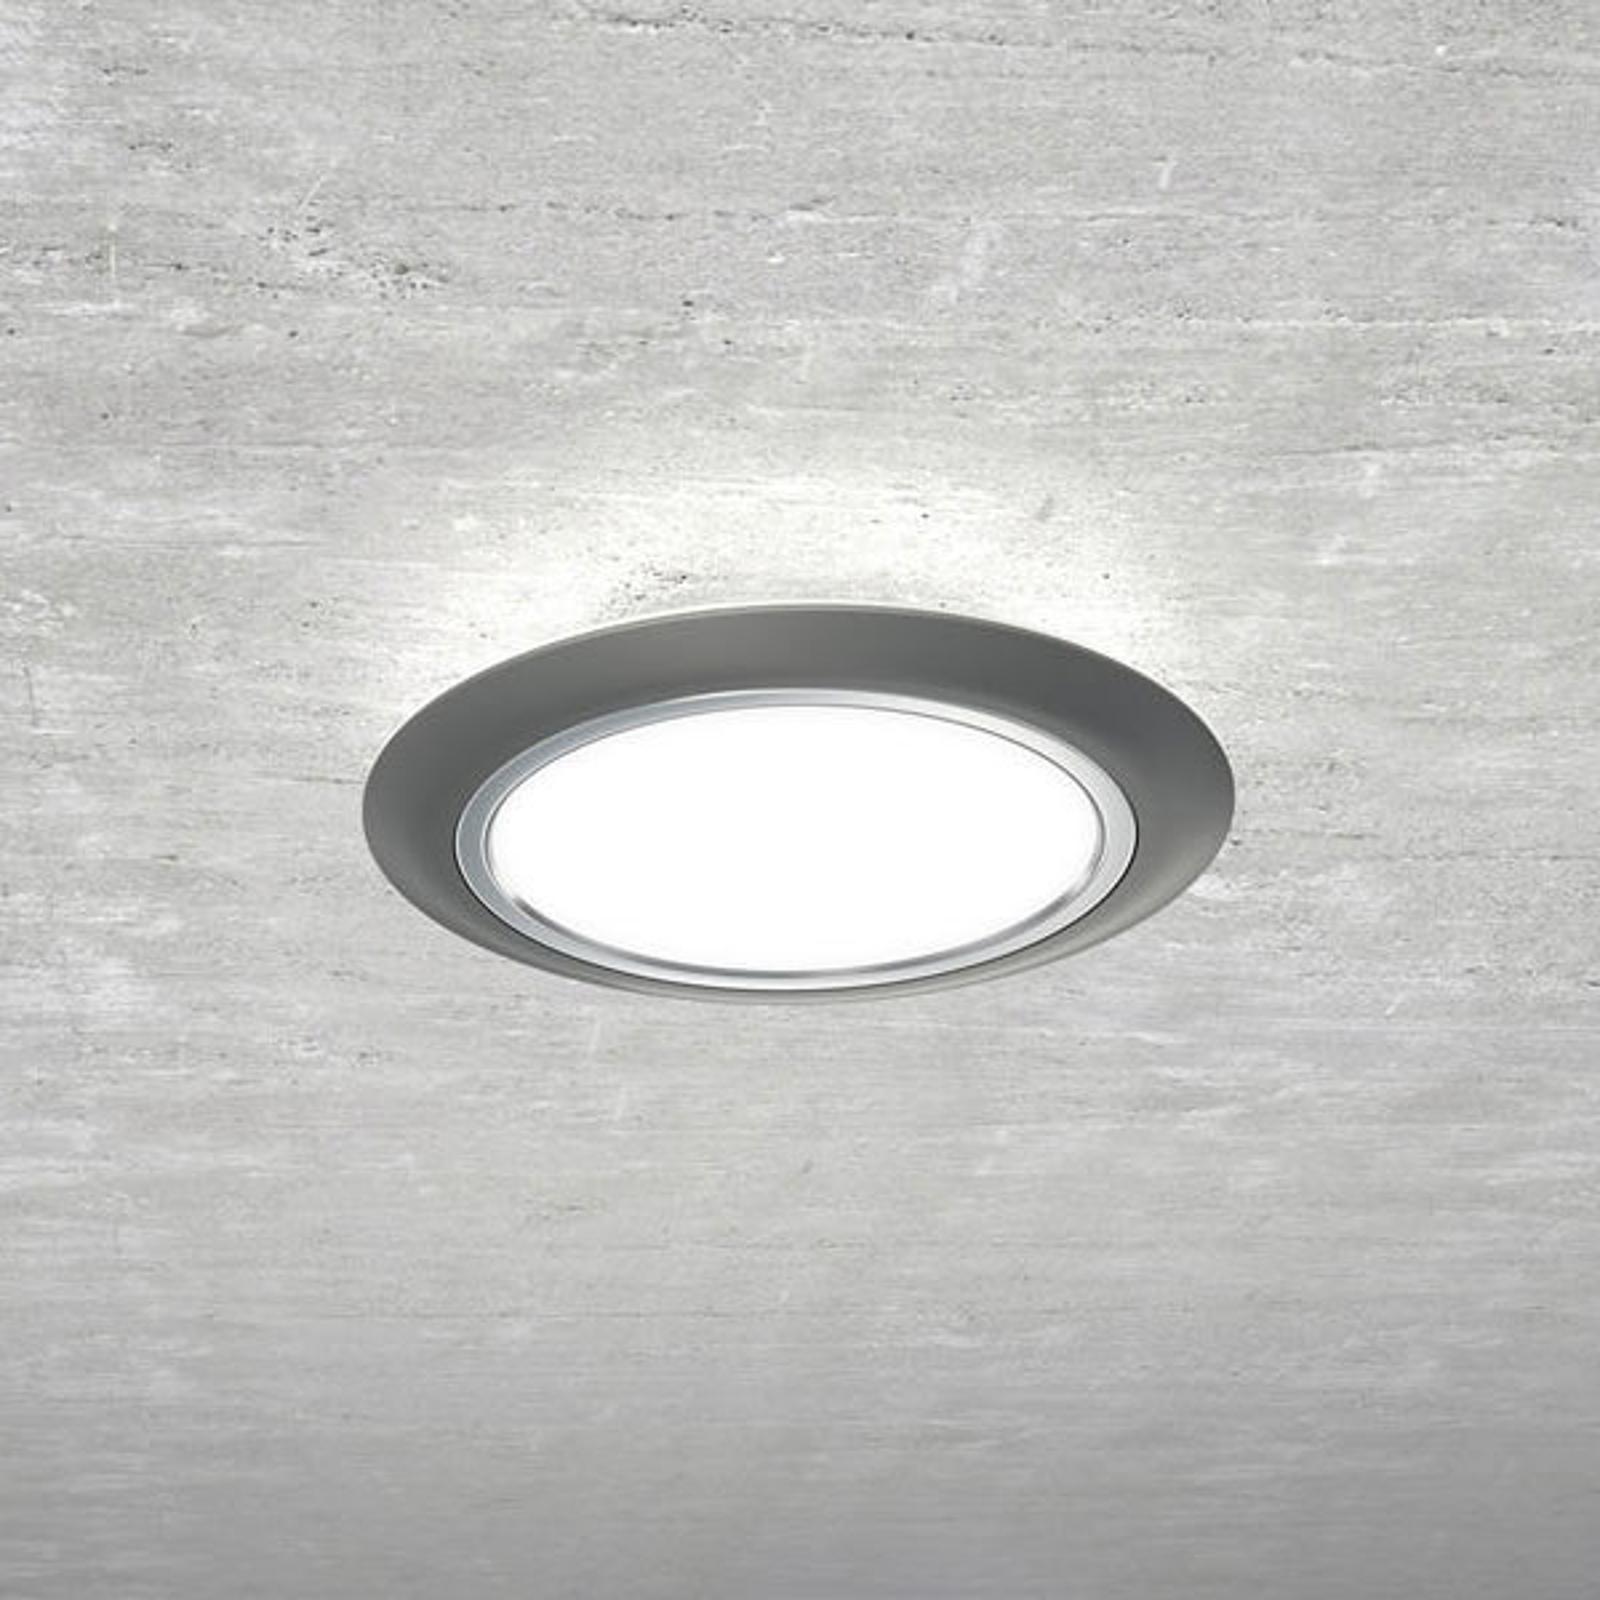 Réflecteur LED GU5,3 5W 840 BT 36° 4000K